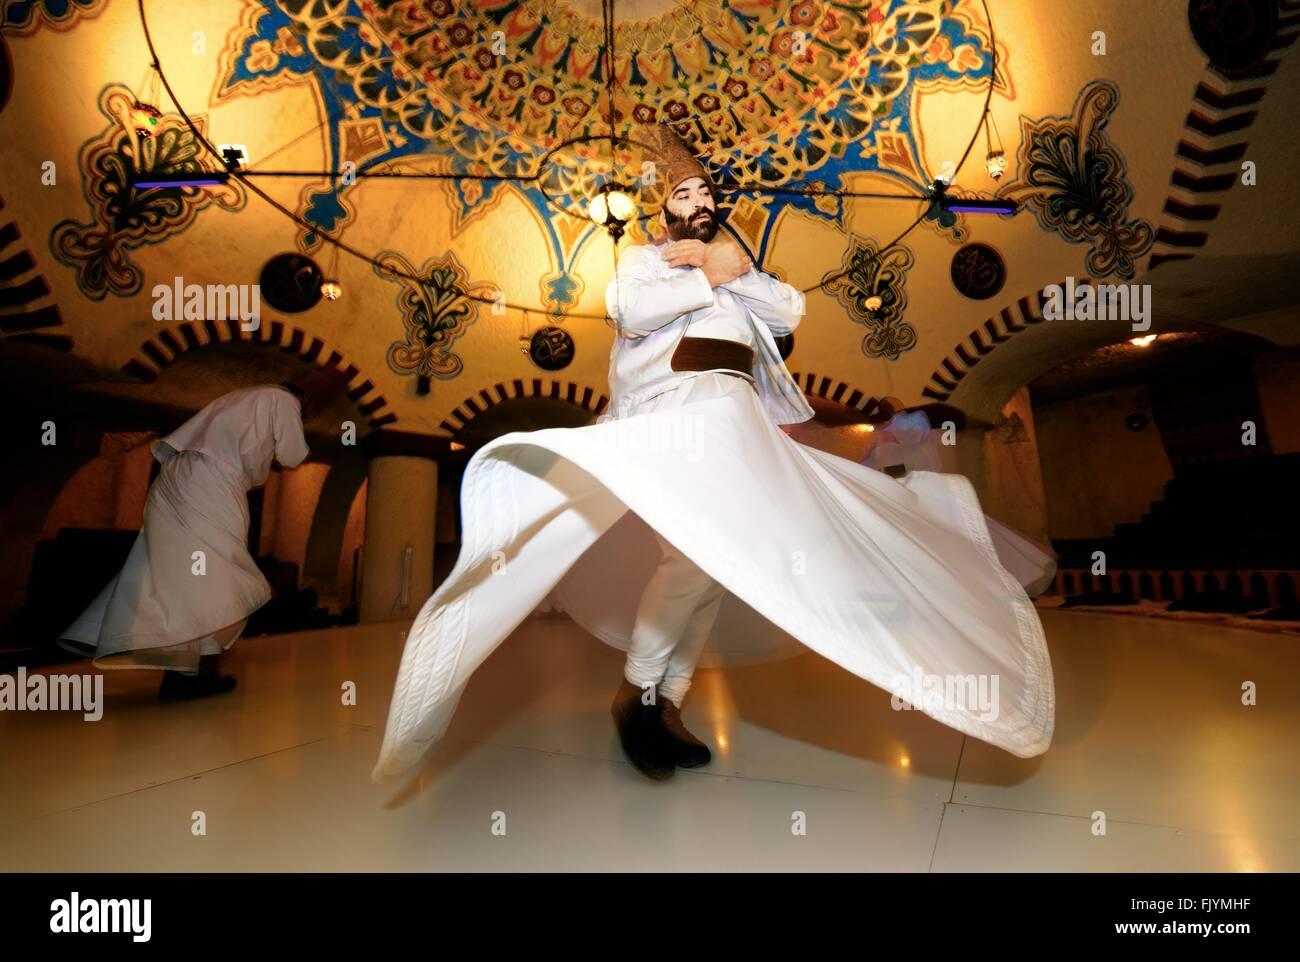 Traditionelle türkische Sufi Whirling Dervish geistlichen Abend am dervis Evi in der Stadt von Ortahisar, Göreme, Kappadokien, Türkei Stockfoto